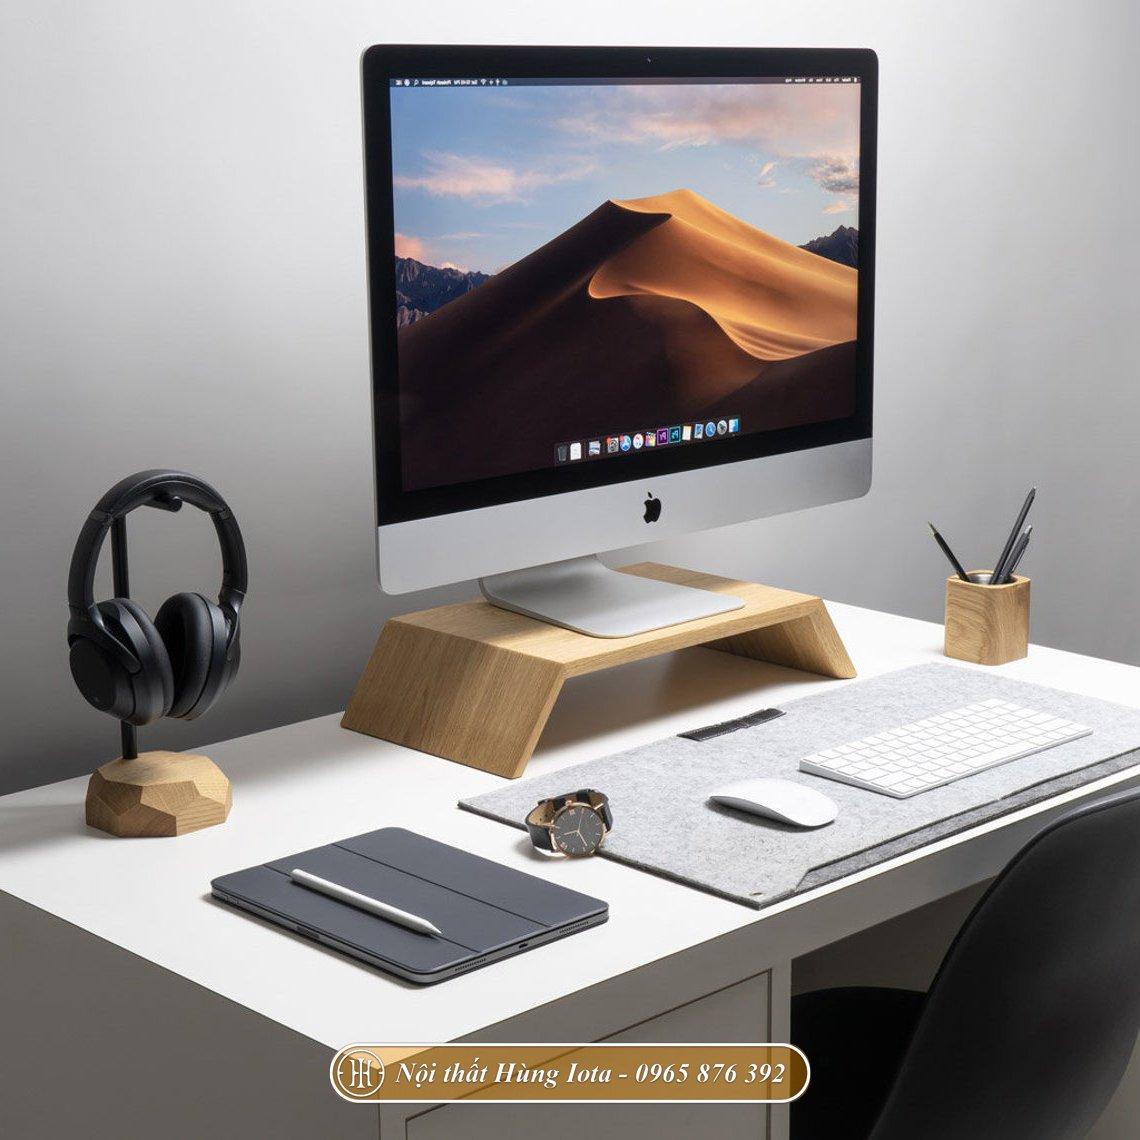 Giá đỡ iMac bằng gỗ hình thang đẹp hiện đại